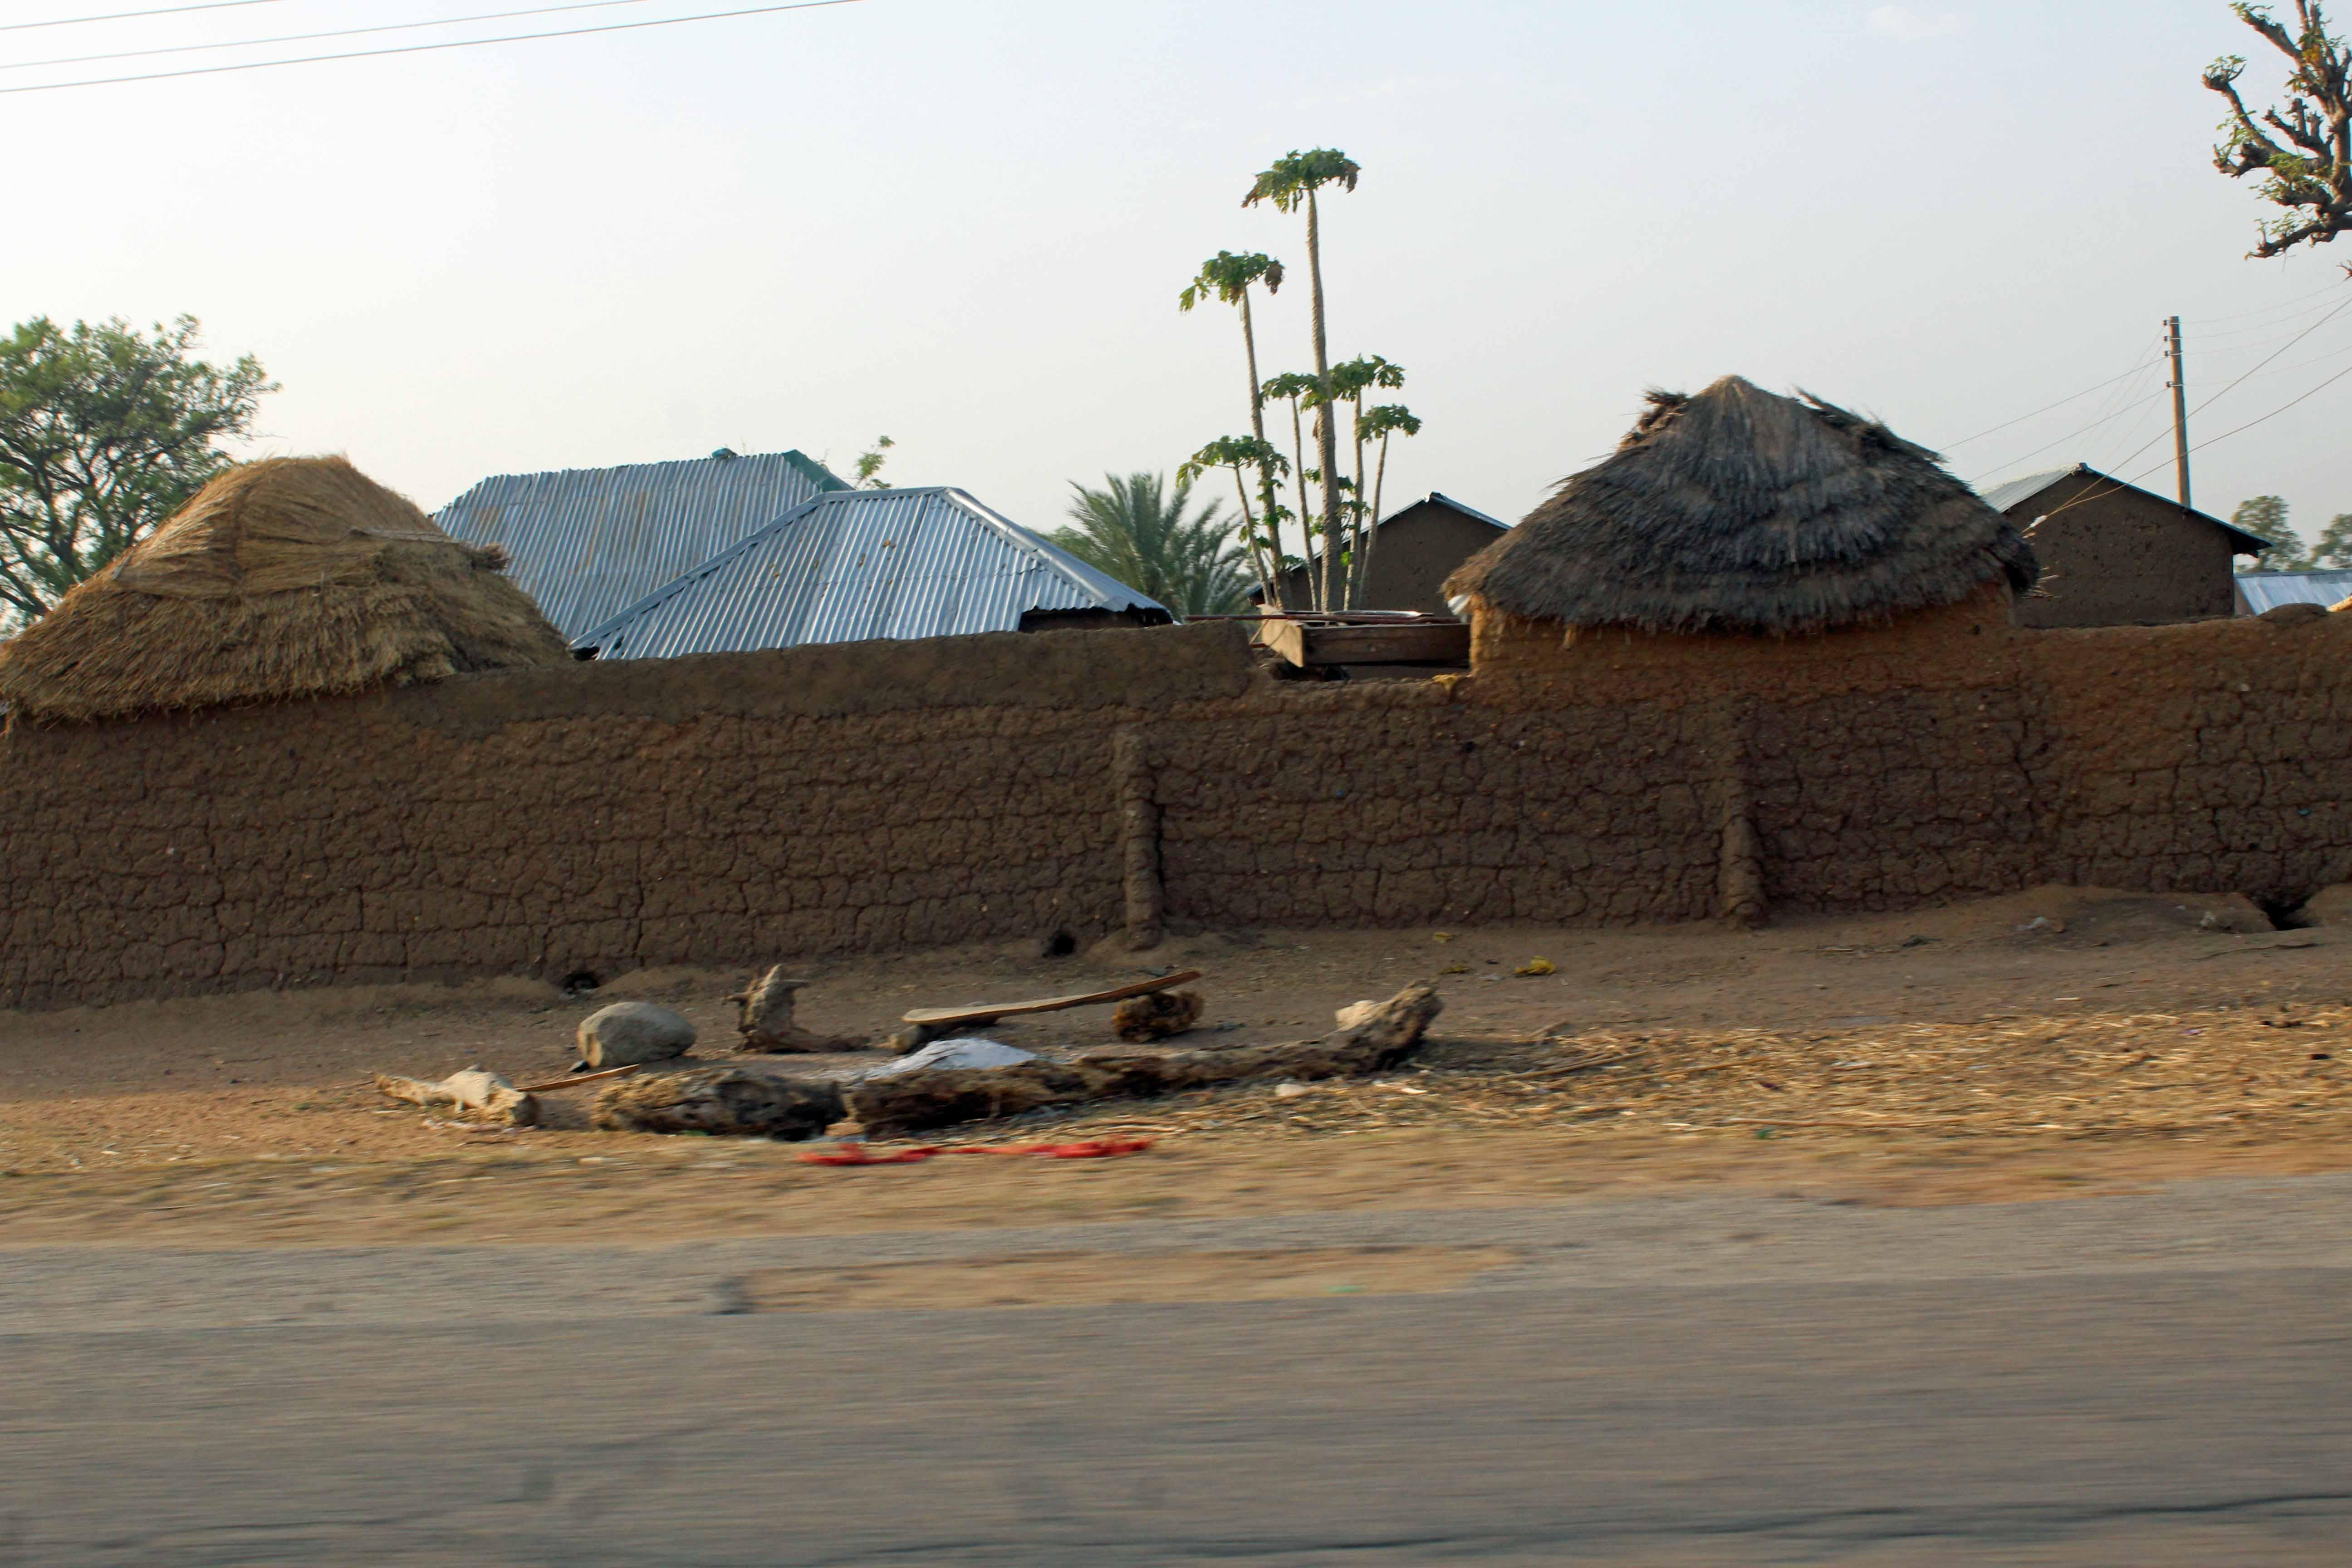 Gombe Village